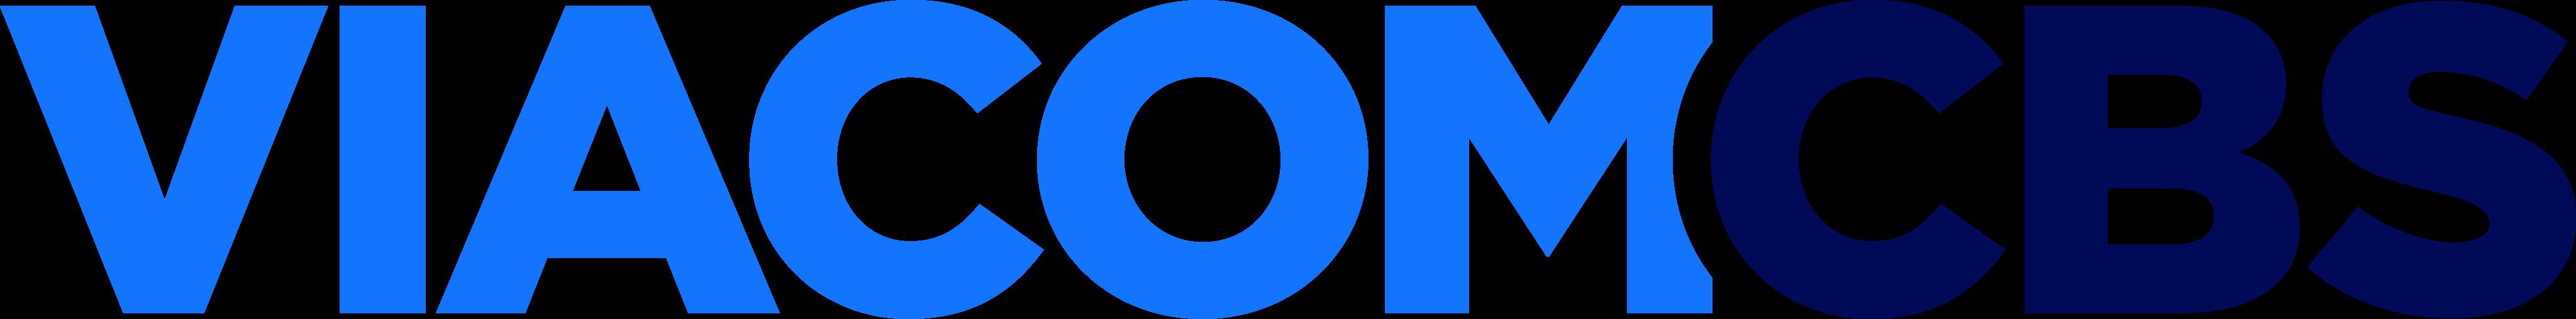 ViacomCBS Logo.